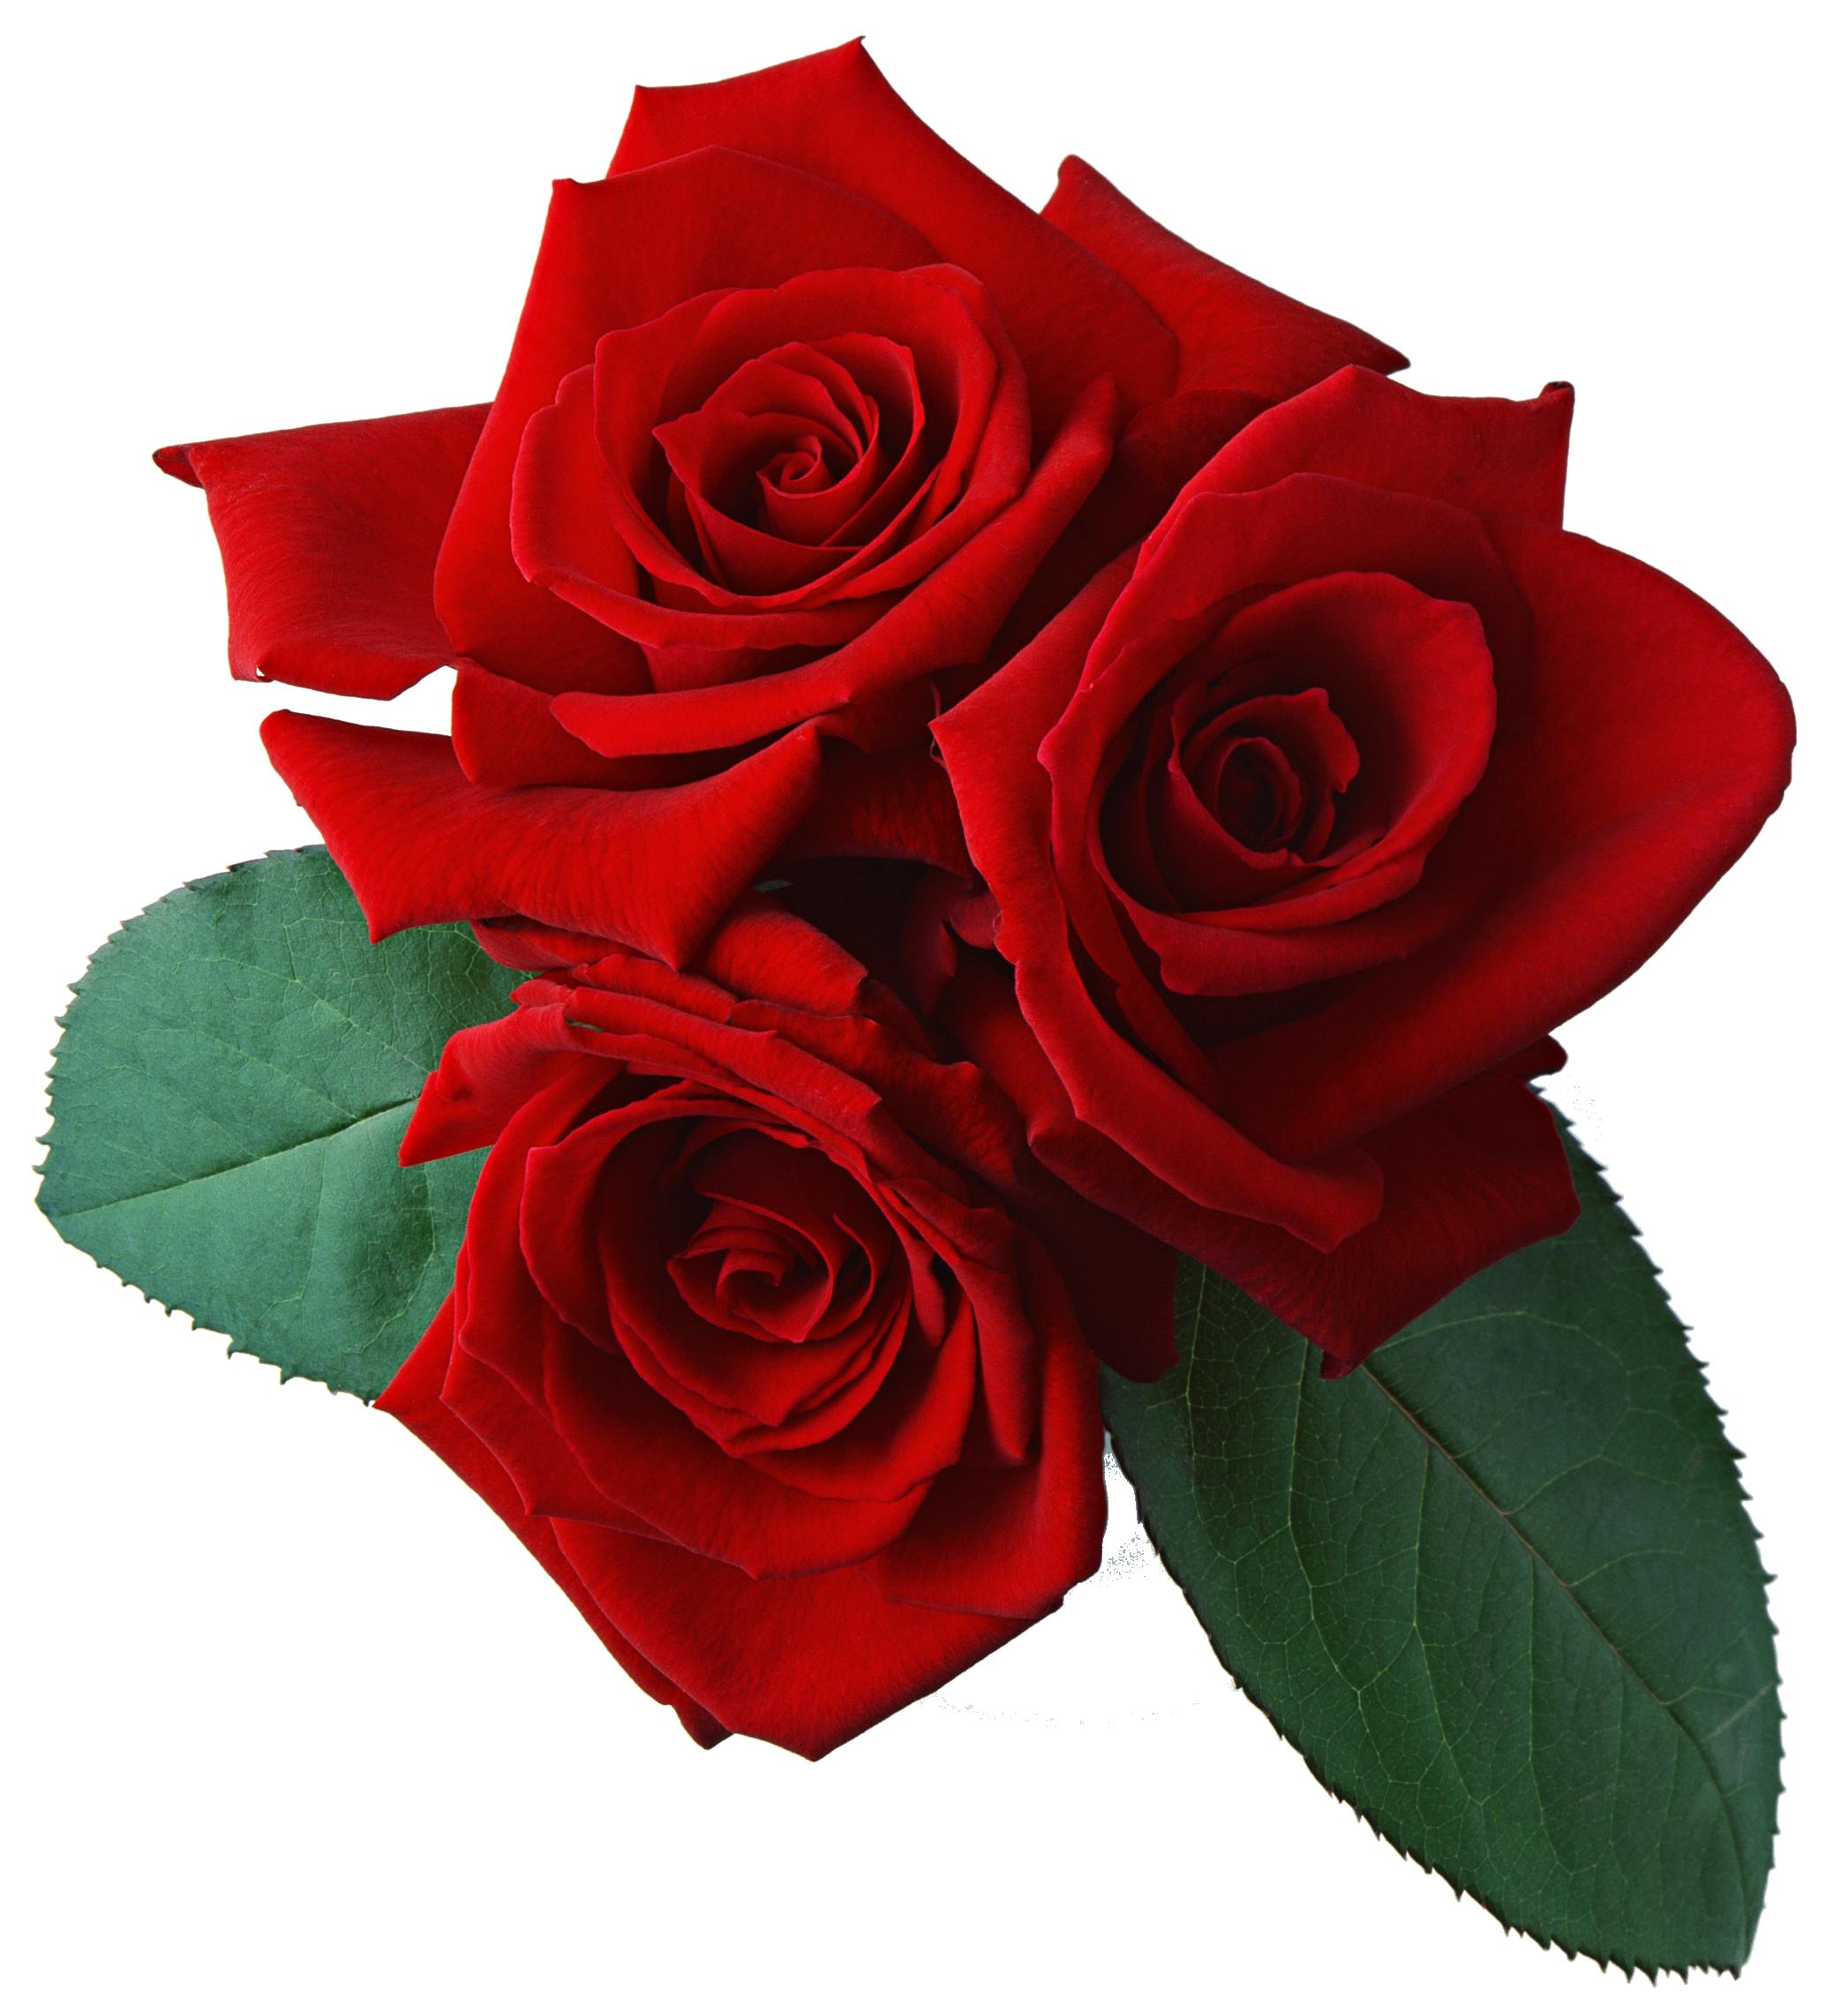 Rose HD PNG - 94821